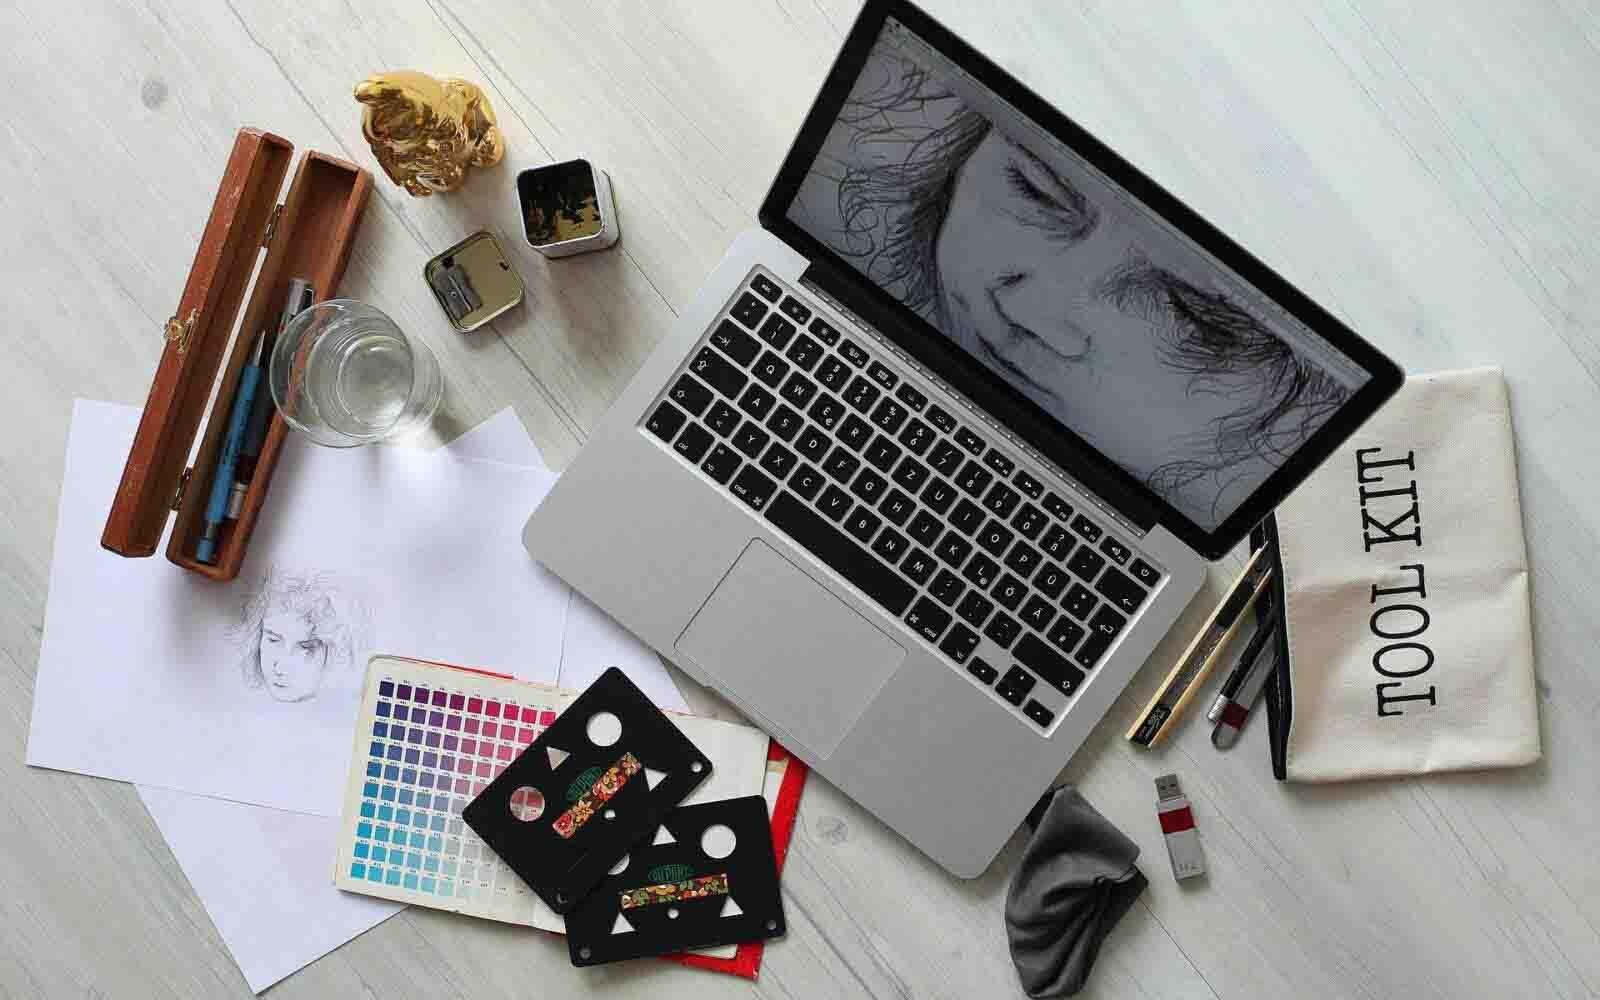 Grafikdesign – Der Erste Eindruck zählt